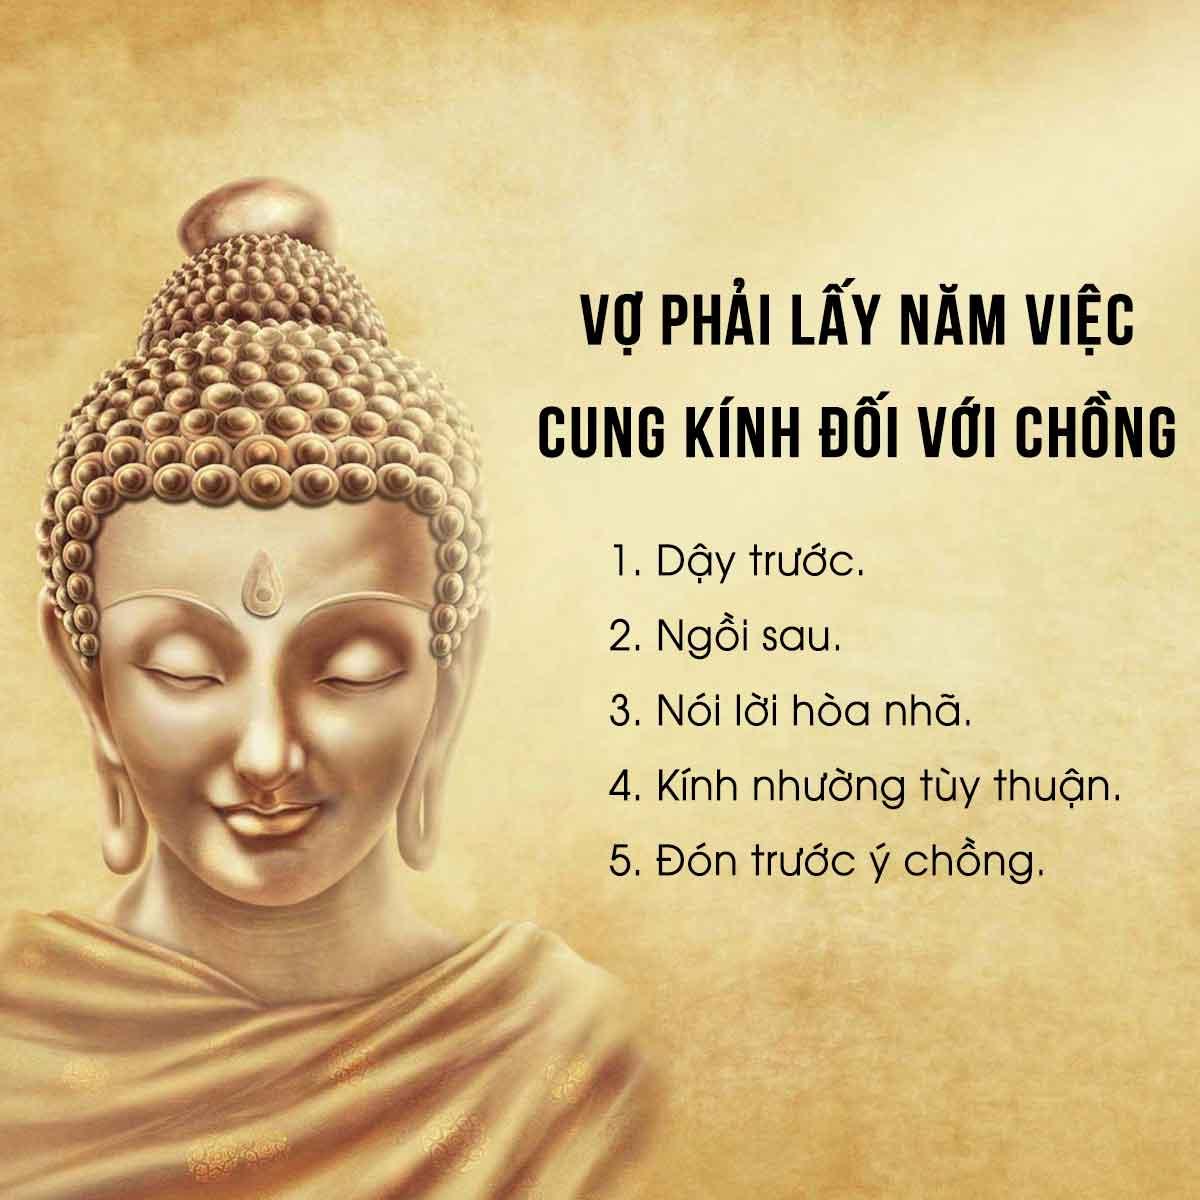 Đạo nghĩa gia đình theo lời Phật dạy 4